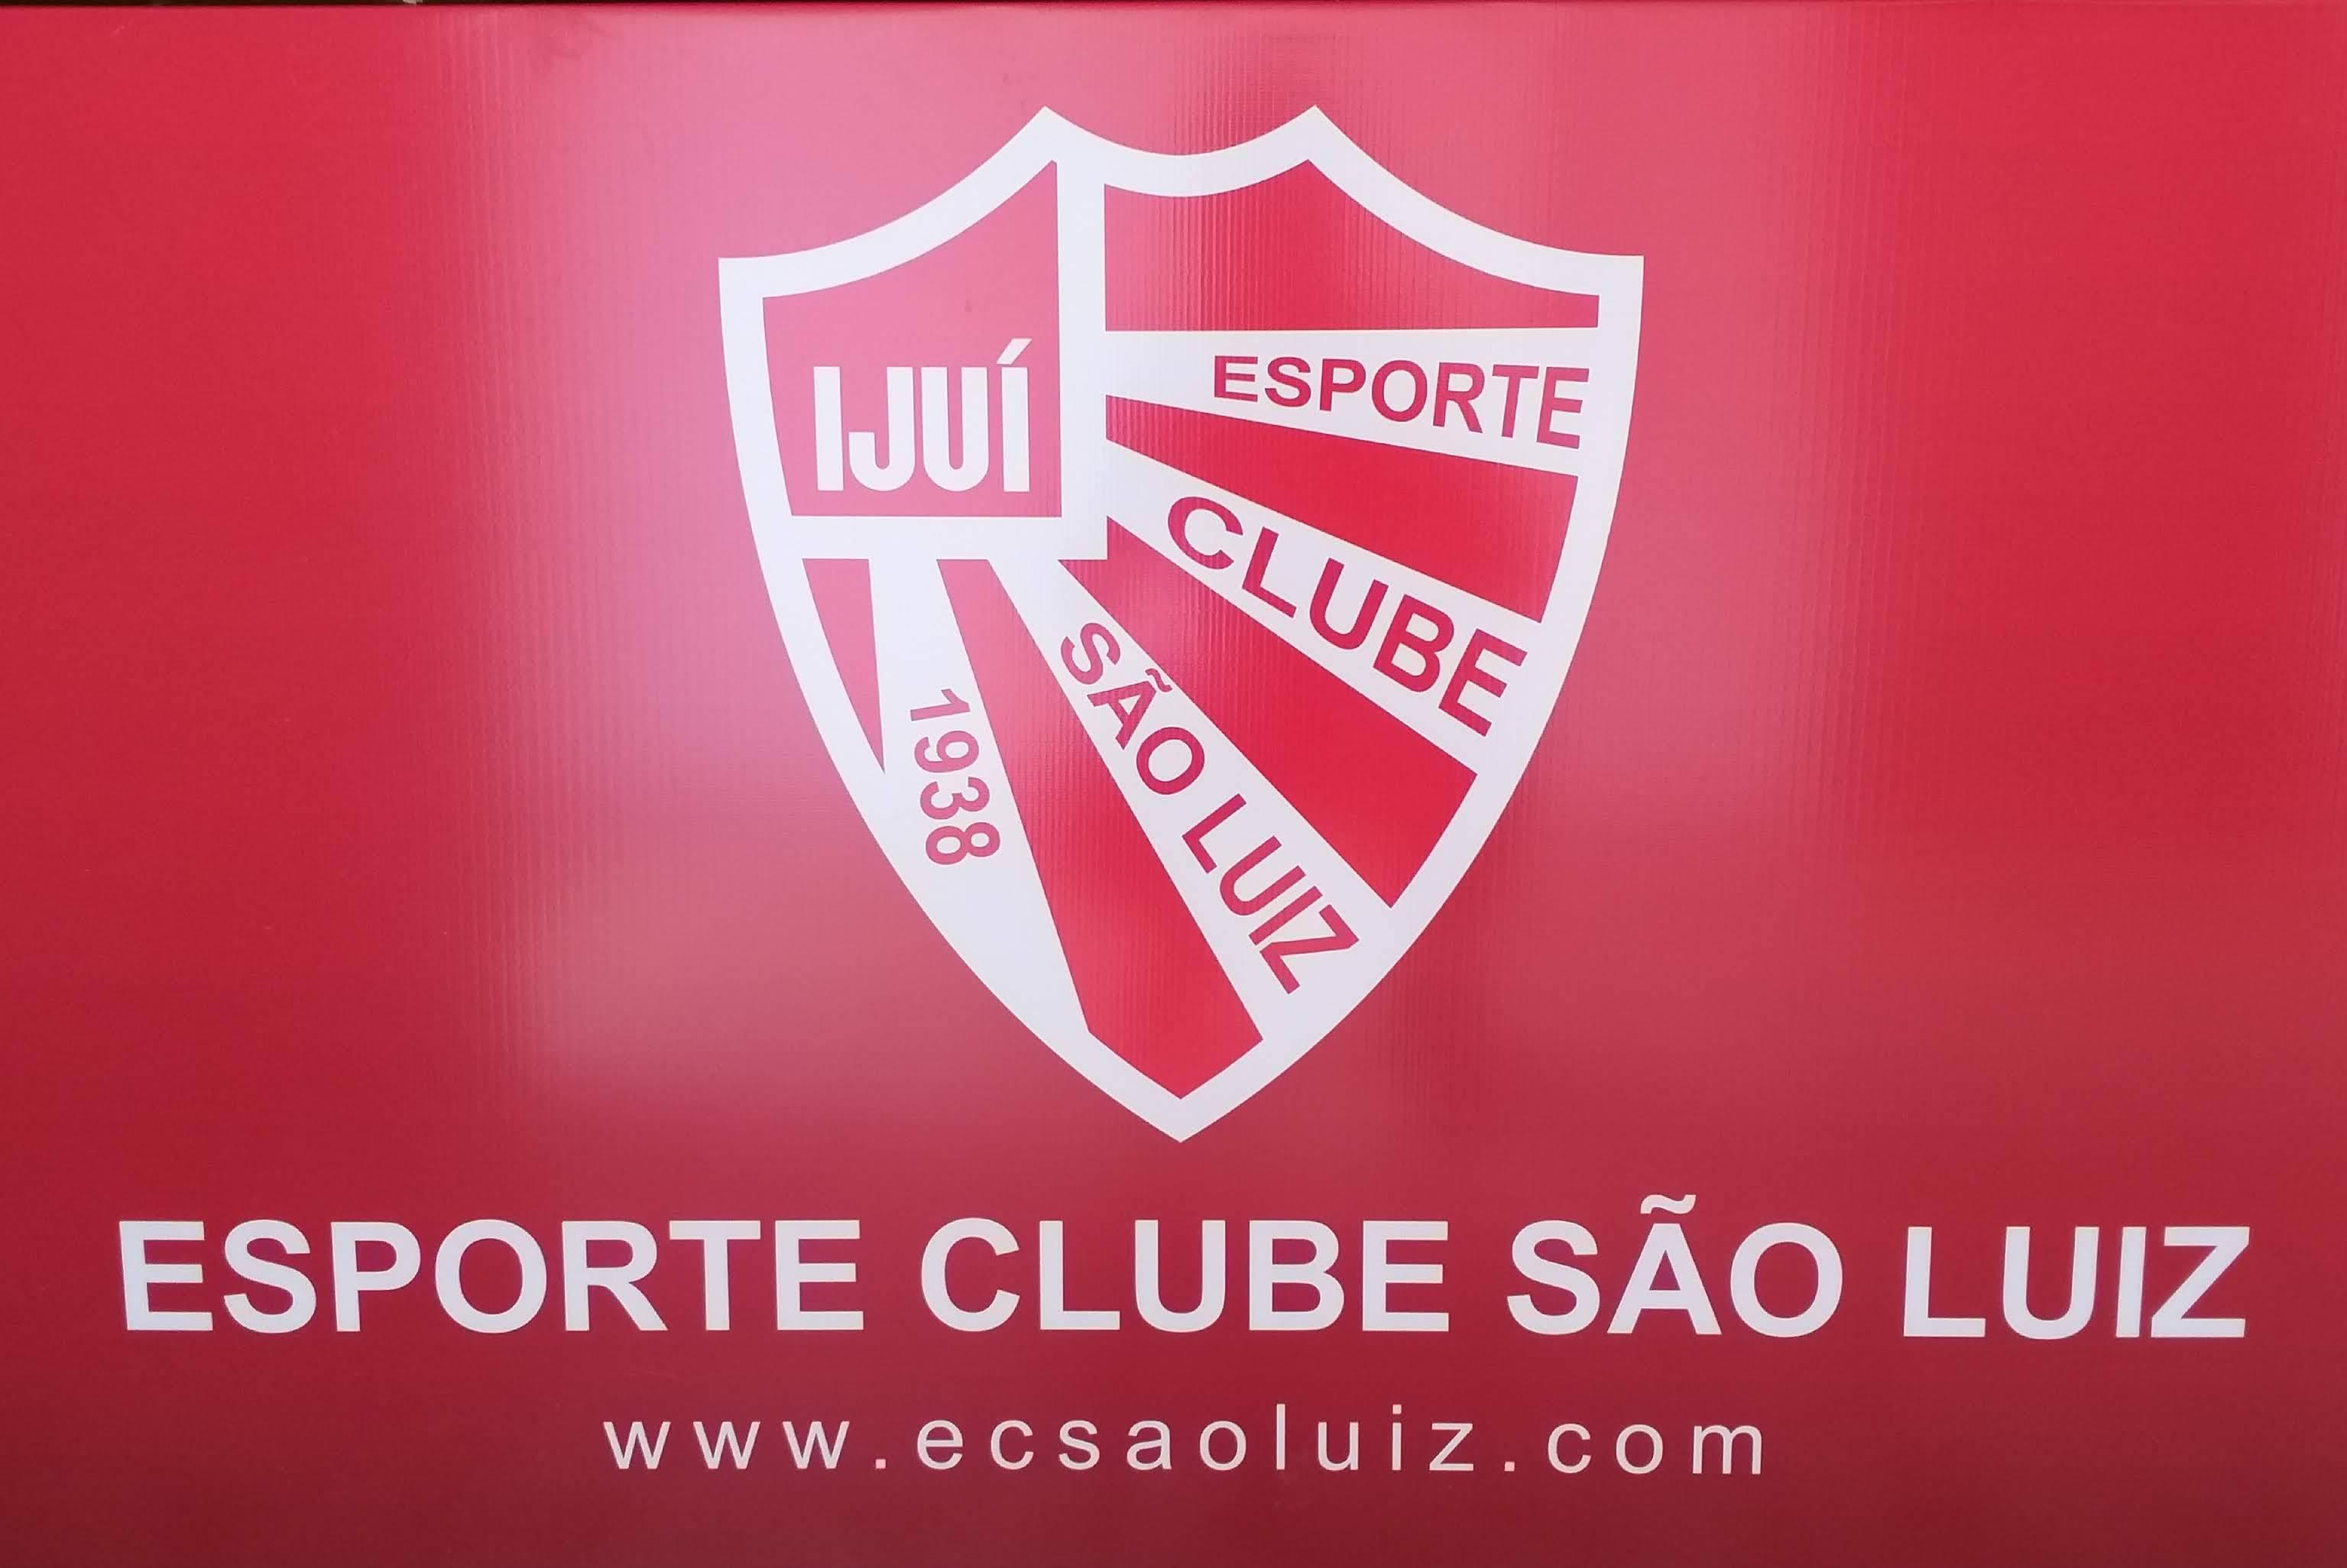 Filho de Negrini, ex-meia do São Luiz morre em acidente de carro em Belo Horizonte